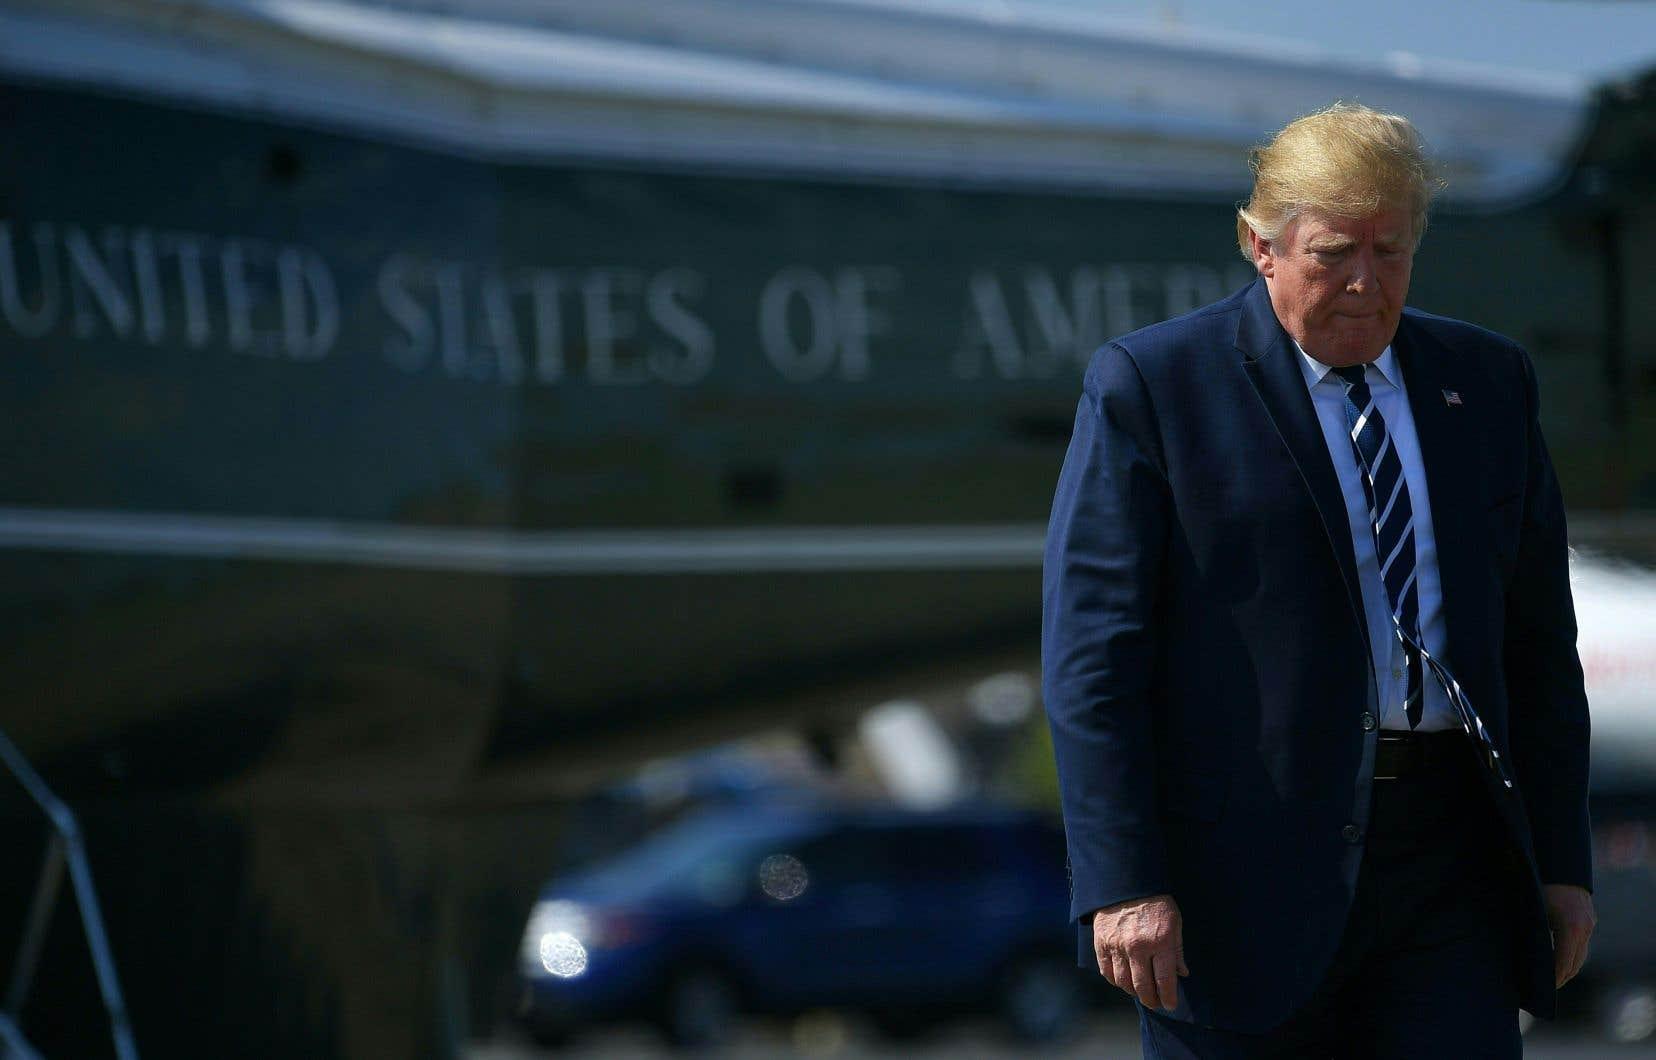 «On imagine mal Trump risquer de perdre sa réélection en 2020 sur une guerre aventureuse», estime l'auteur.